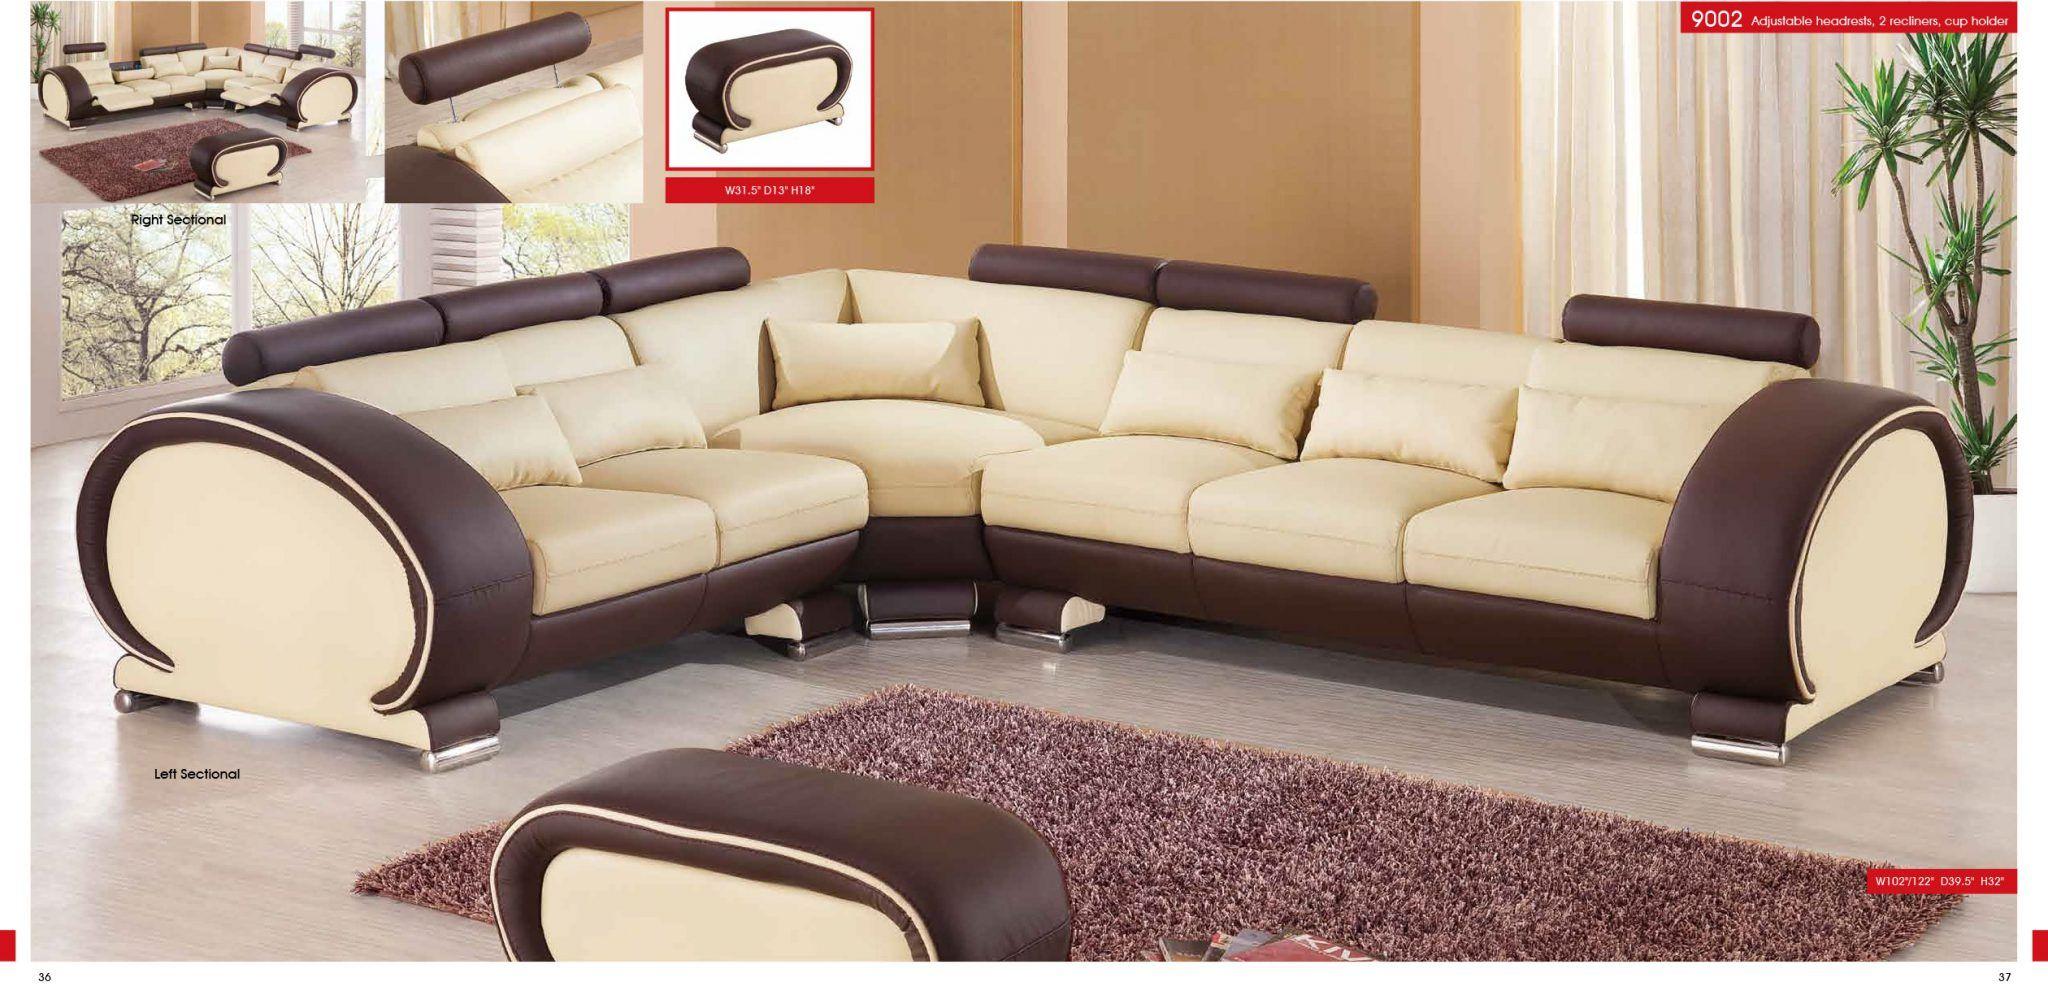 #Wohnzimmer Moderne Wohnzimmer Möbel Sets Ohne überladenen Stil #Moderne #Wohnzimmer  #Möbel #